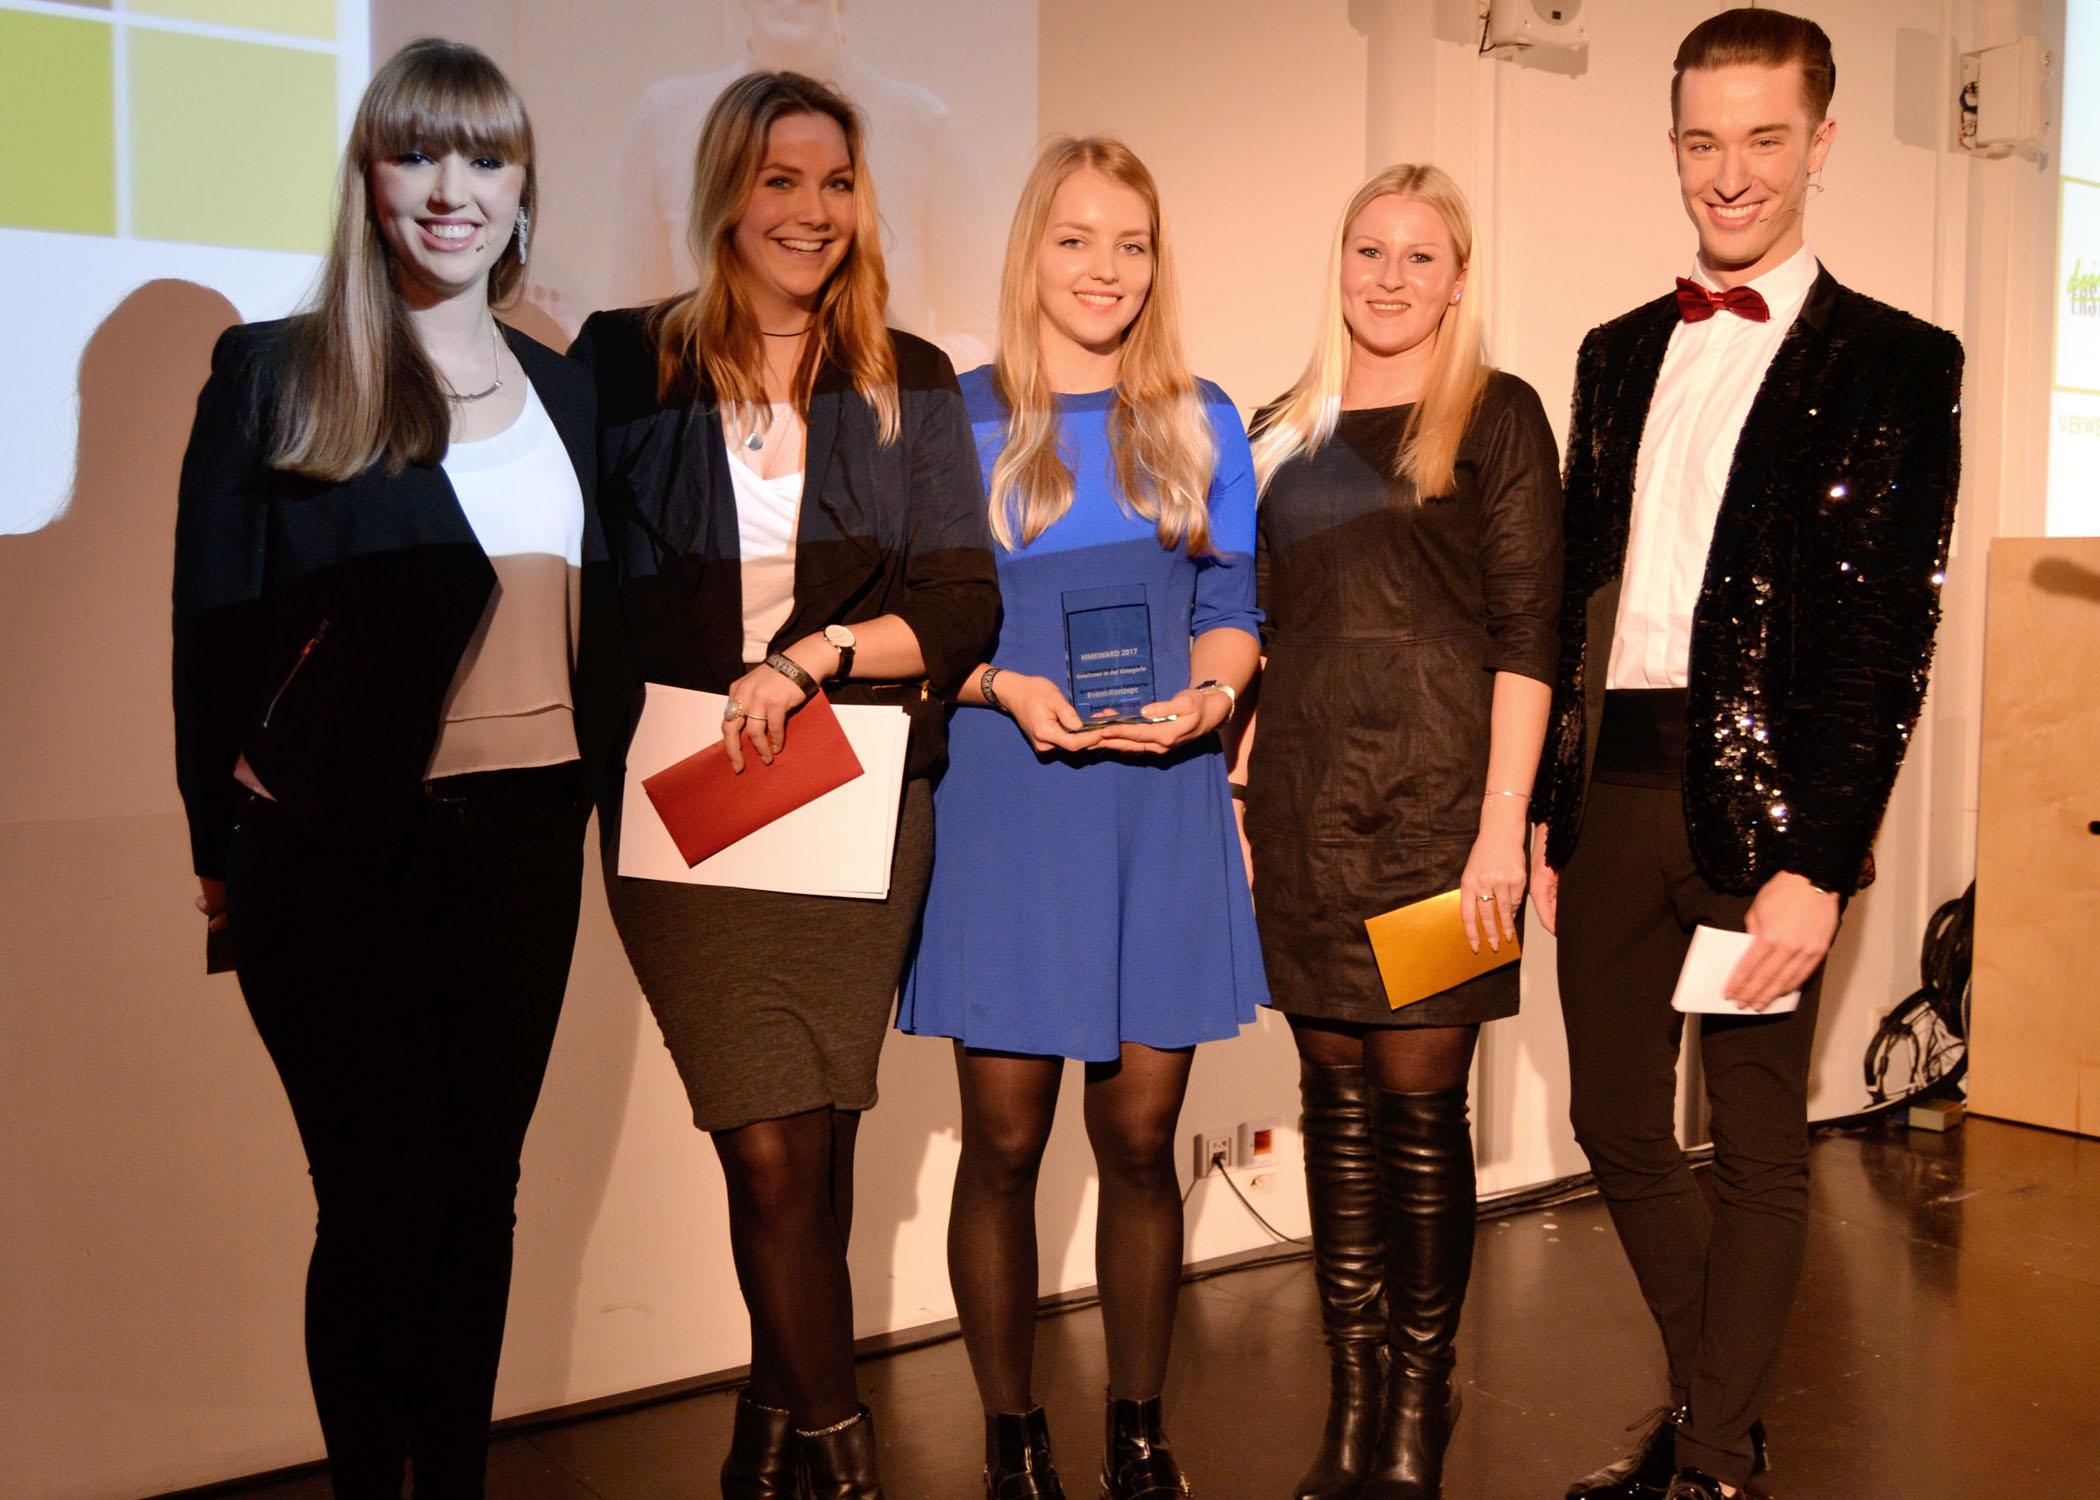 Für das beste Eventkonzept wurde eine ganze Studiengruppe, vertreten durch die Studentinnen Nicola Boyne und Kristin Merhofe, ausgezeichnet.